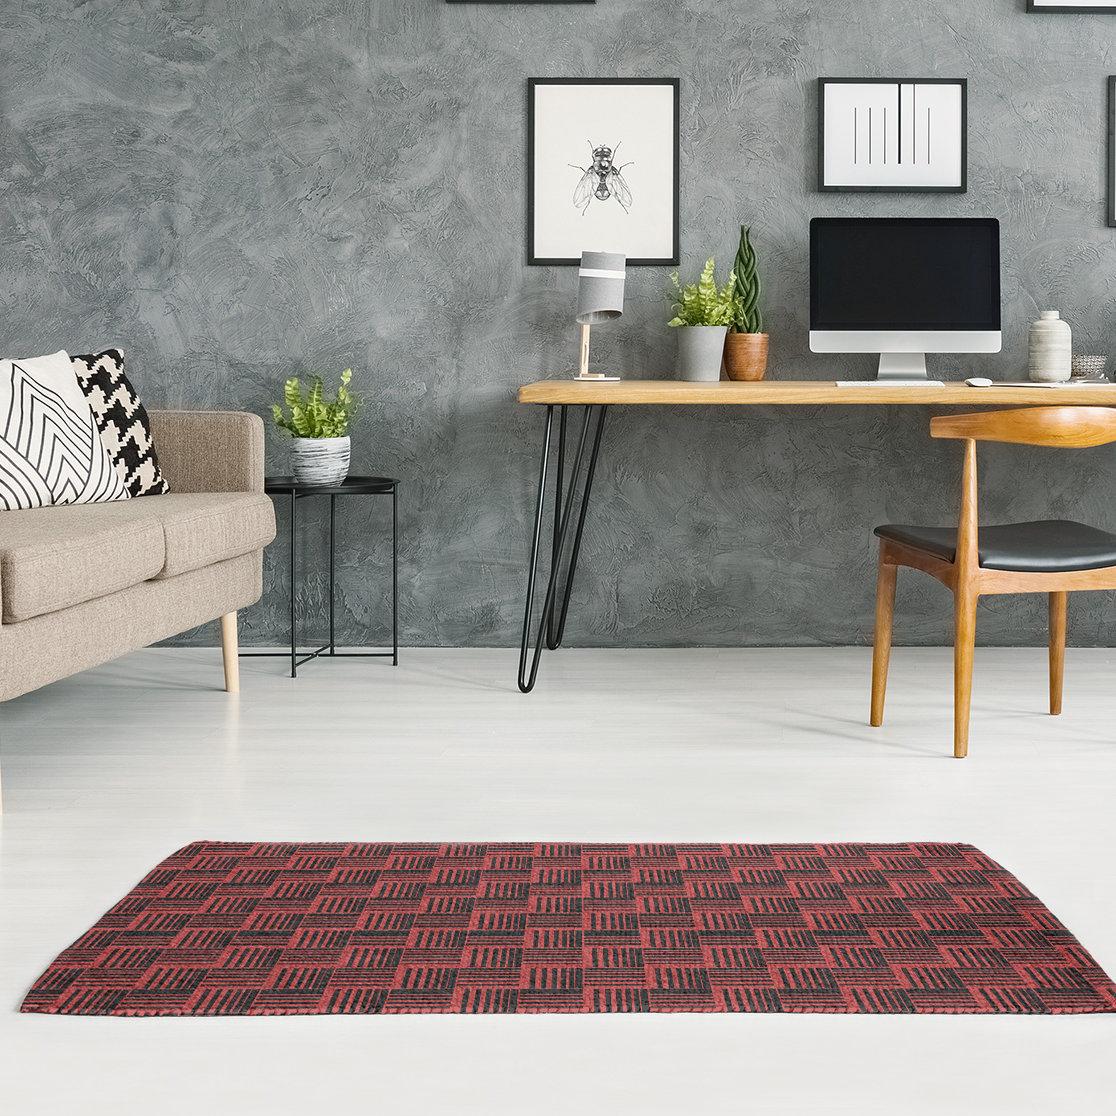 East Urban Home Basketweave Stripes Black Maroon Area Rug Wayfair